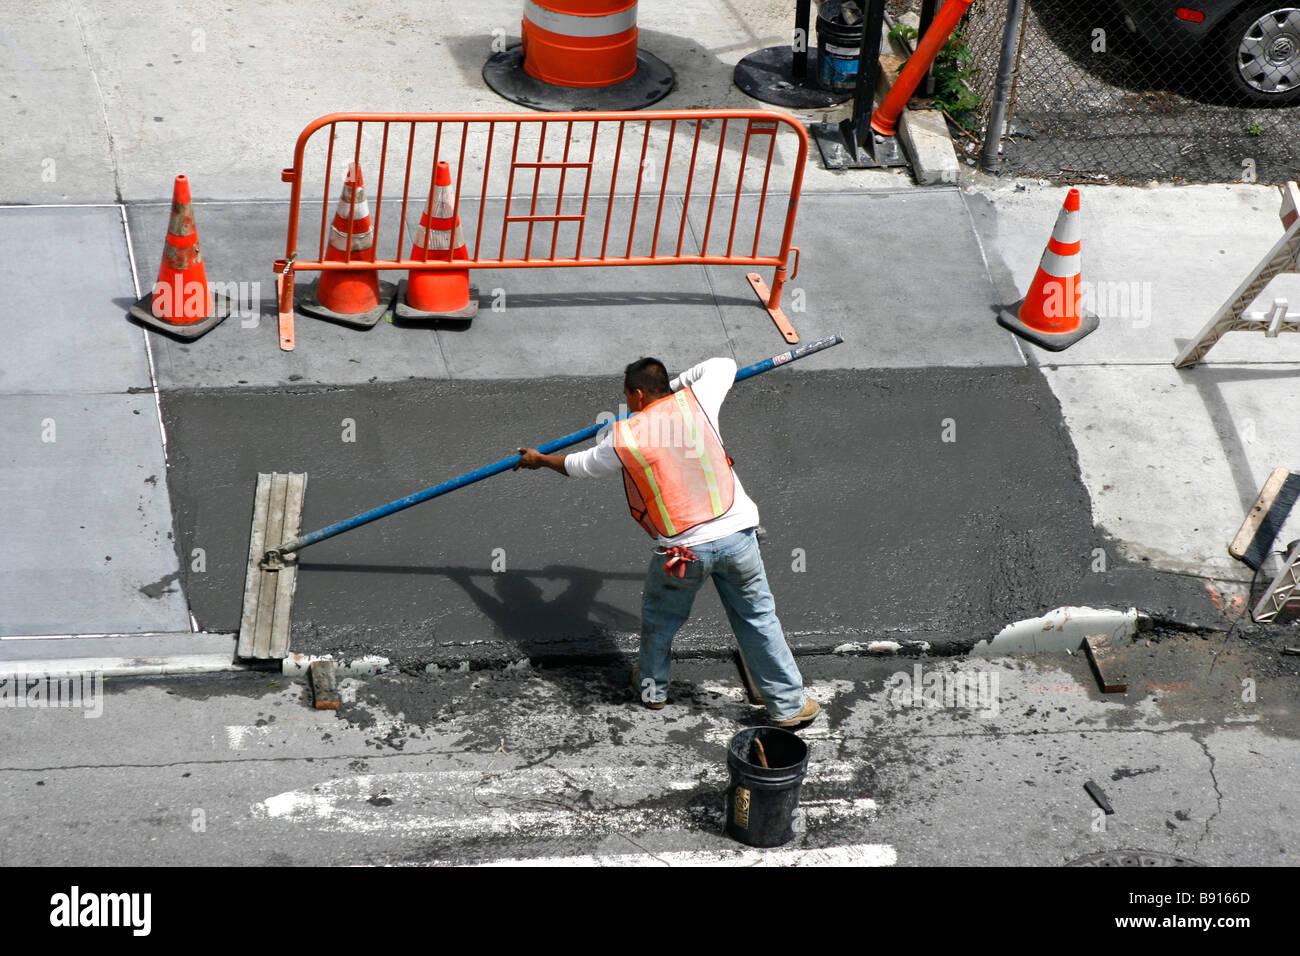 Le lissage de l'homme un trottoir de béton humide fraîchement coulé. Banque D'Images